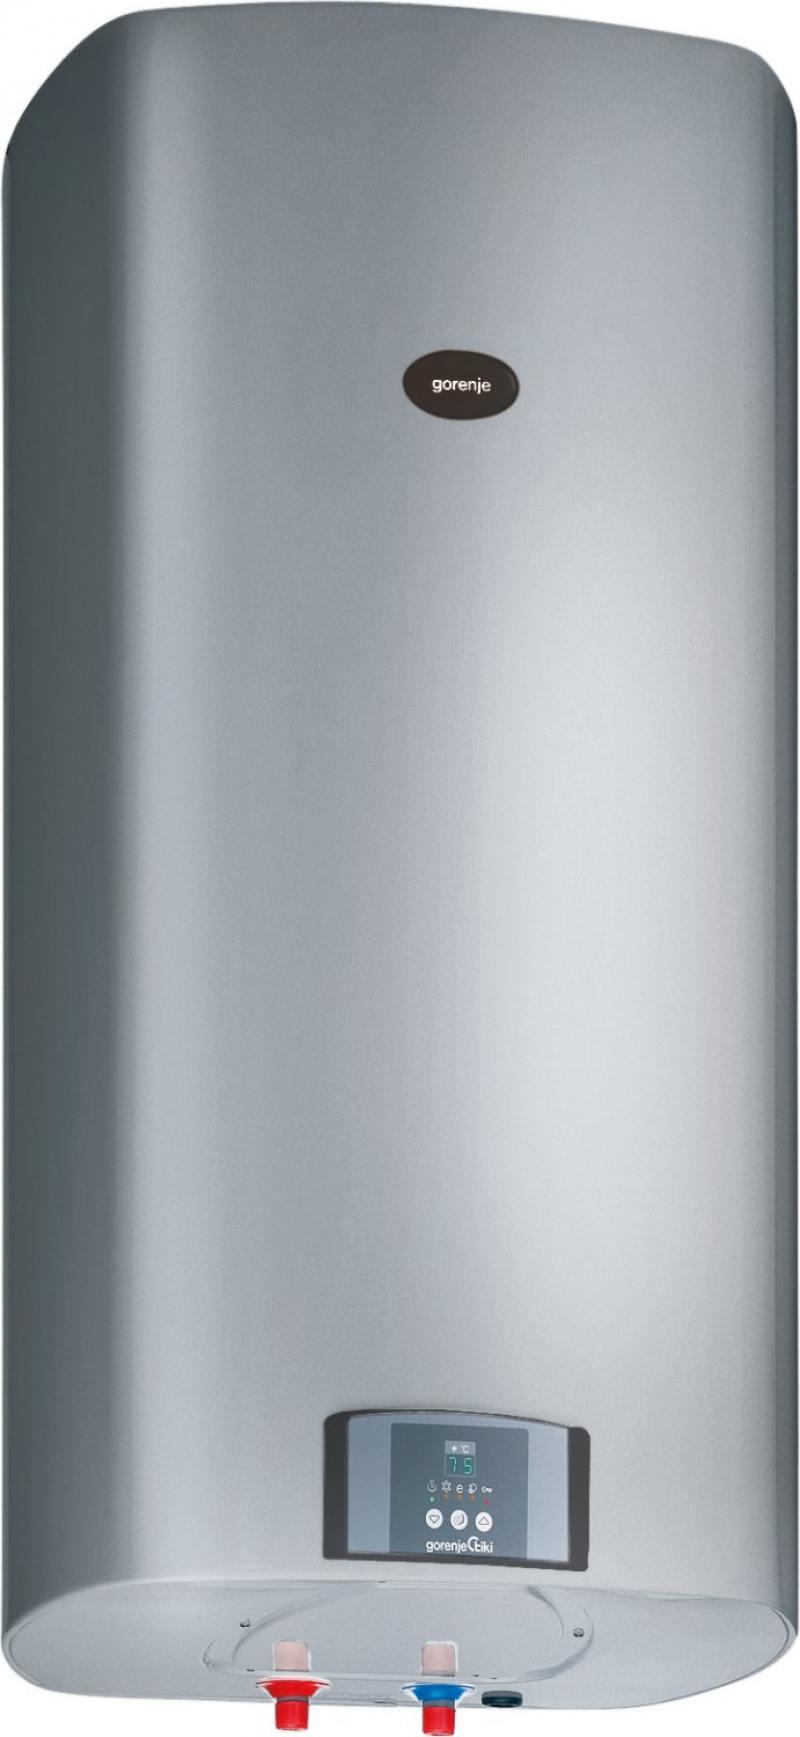 Водонагреватель накопительный Gorenje OGB50SEDDSB6 50л 2кВт серебристый измельчитель gorenje s450e 450вт серебристый